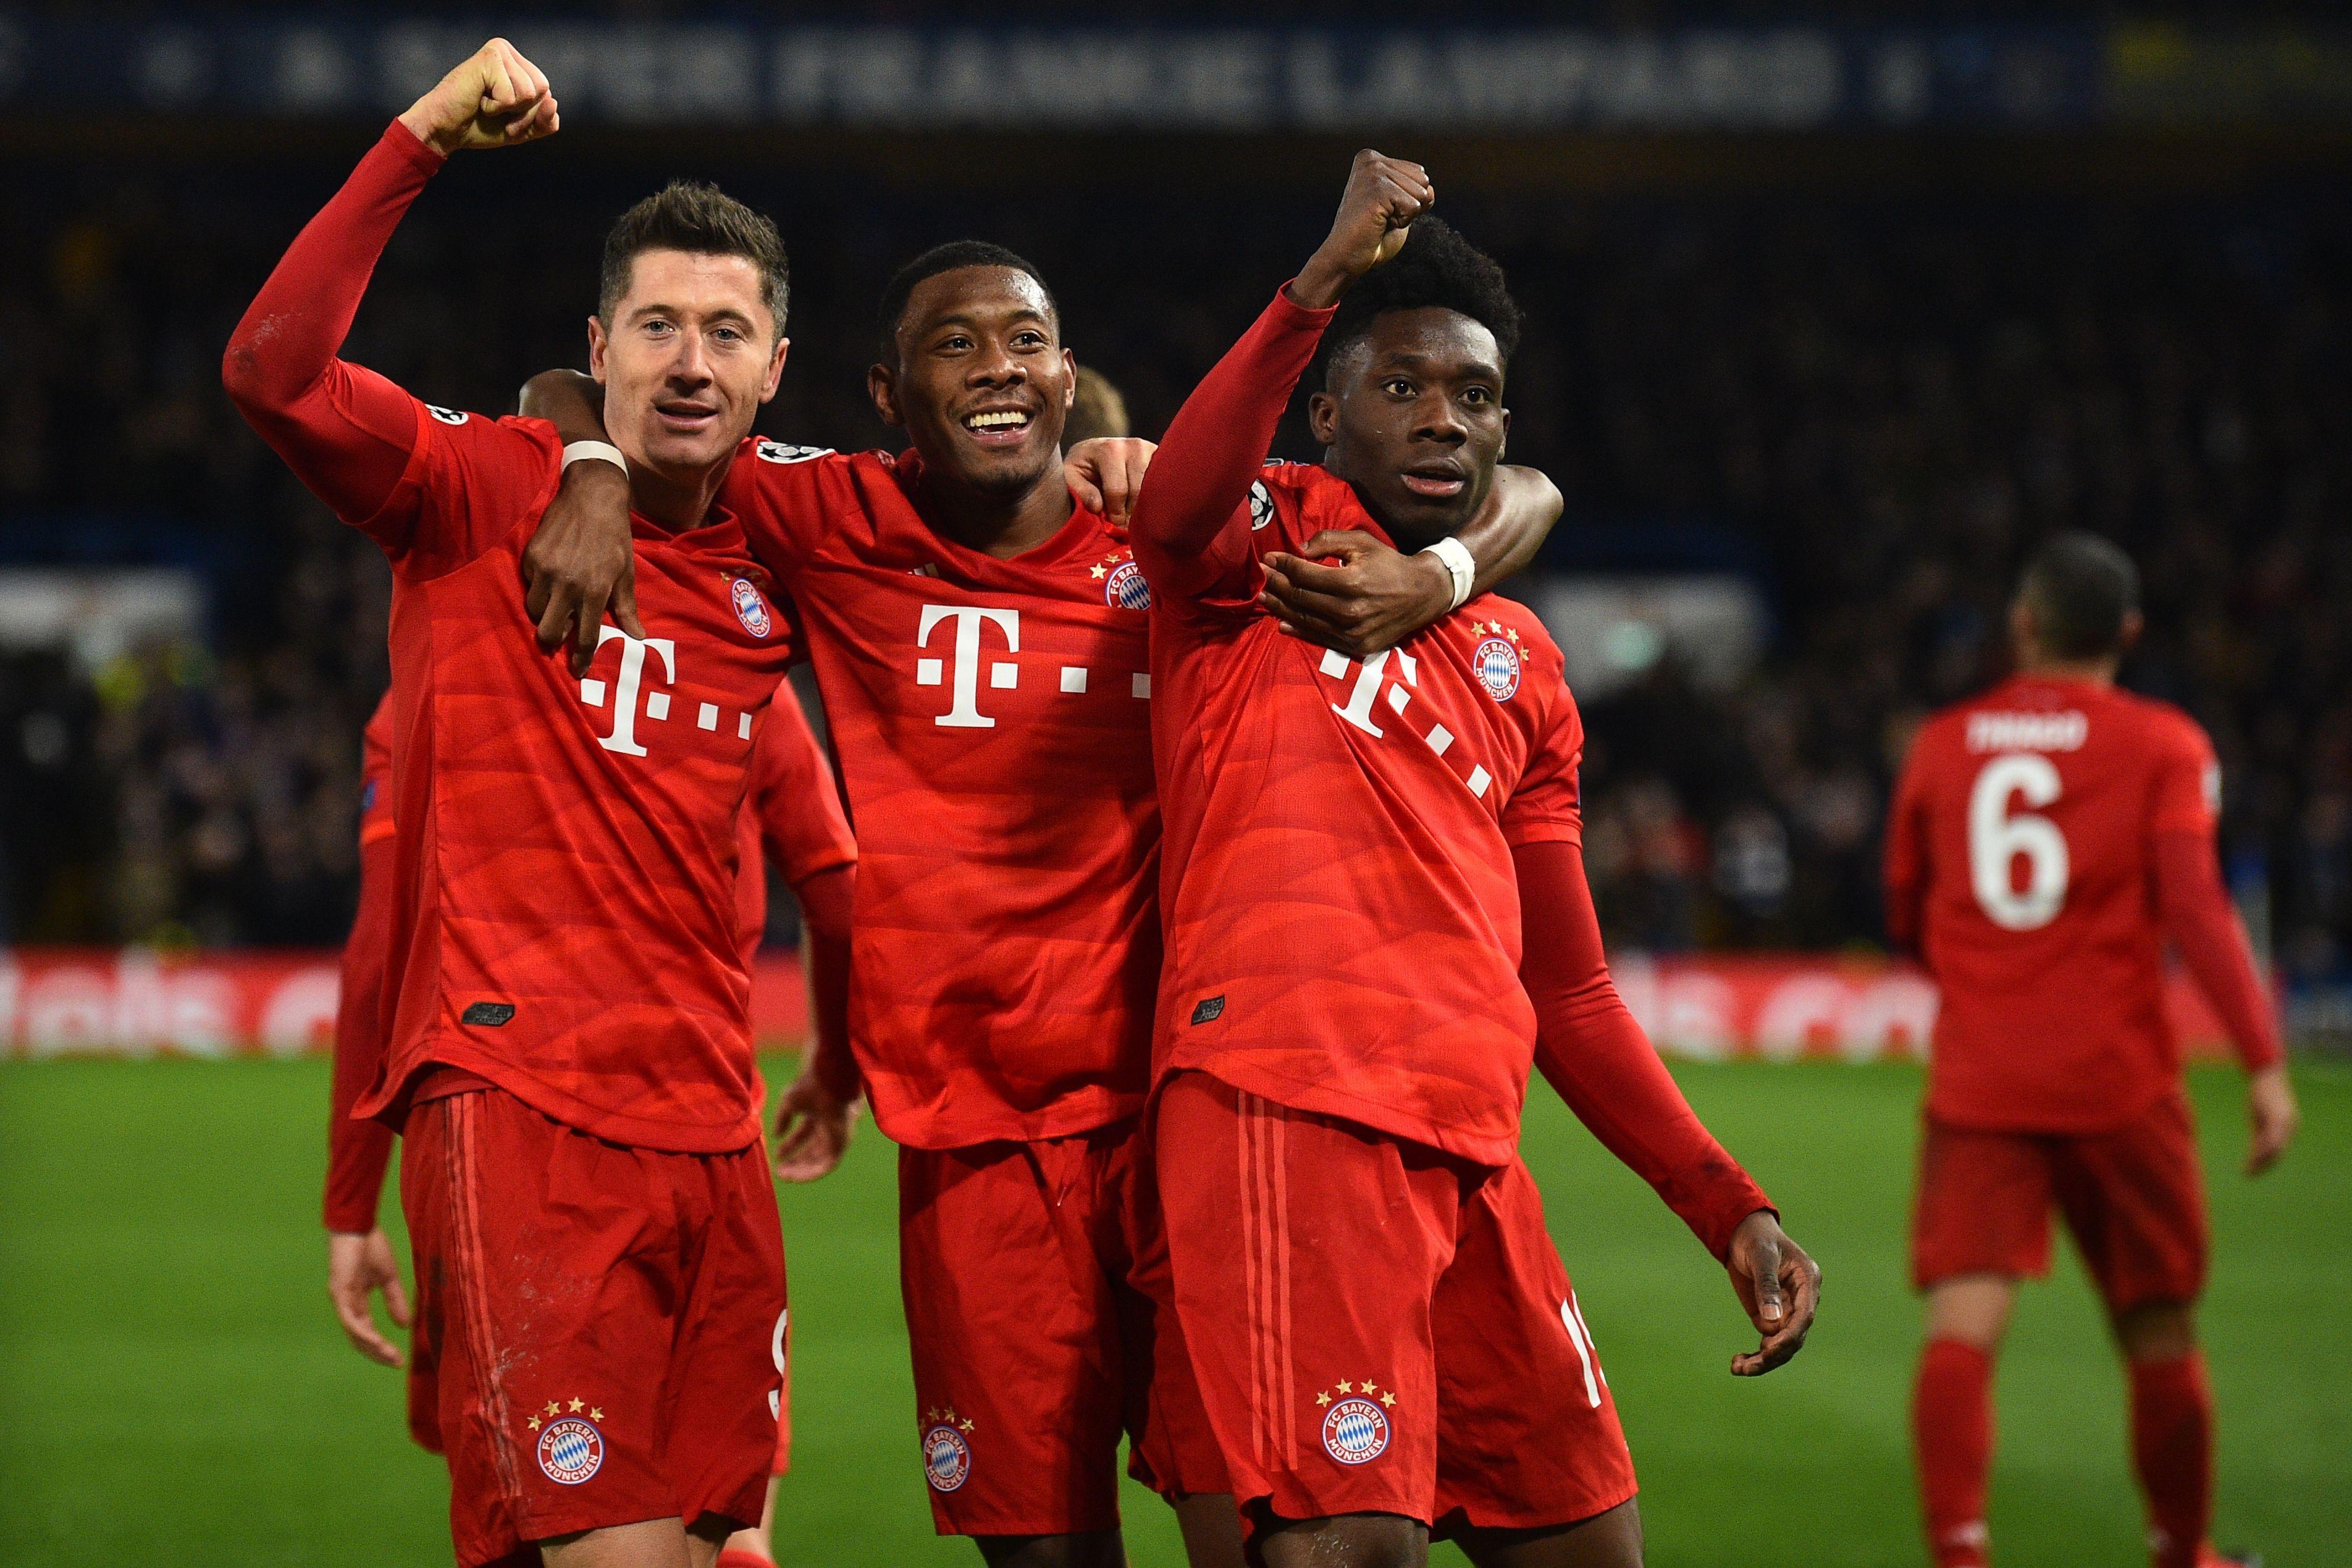 Bayern Munich players will return to training on Monday